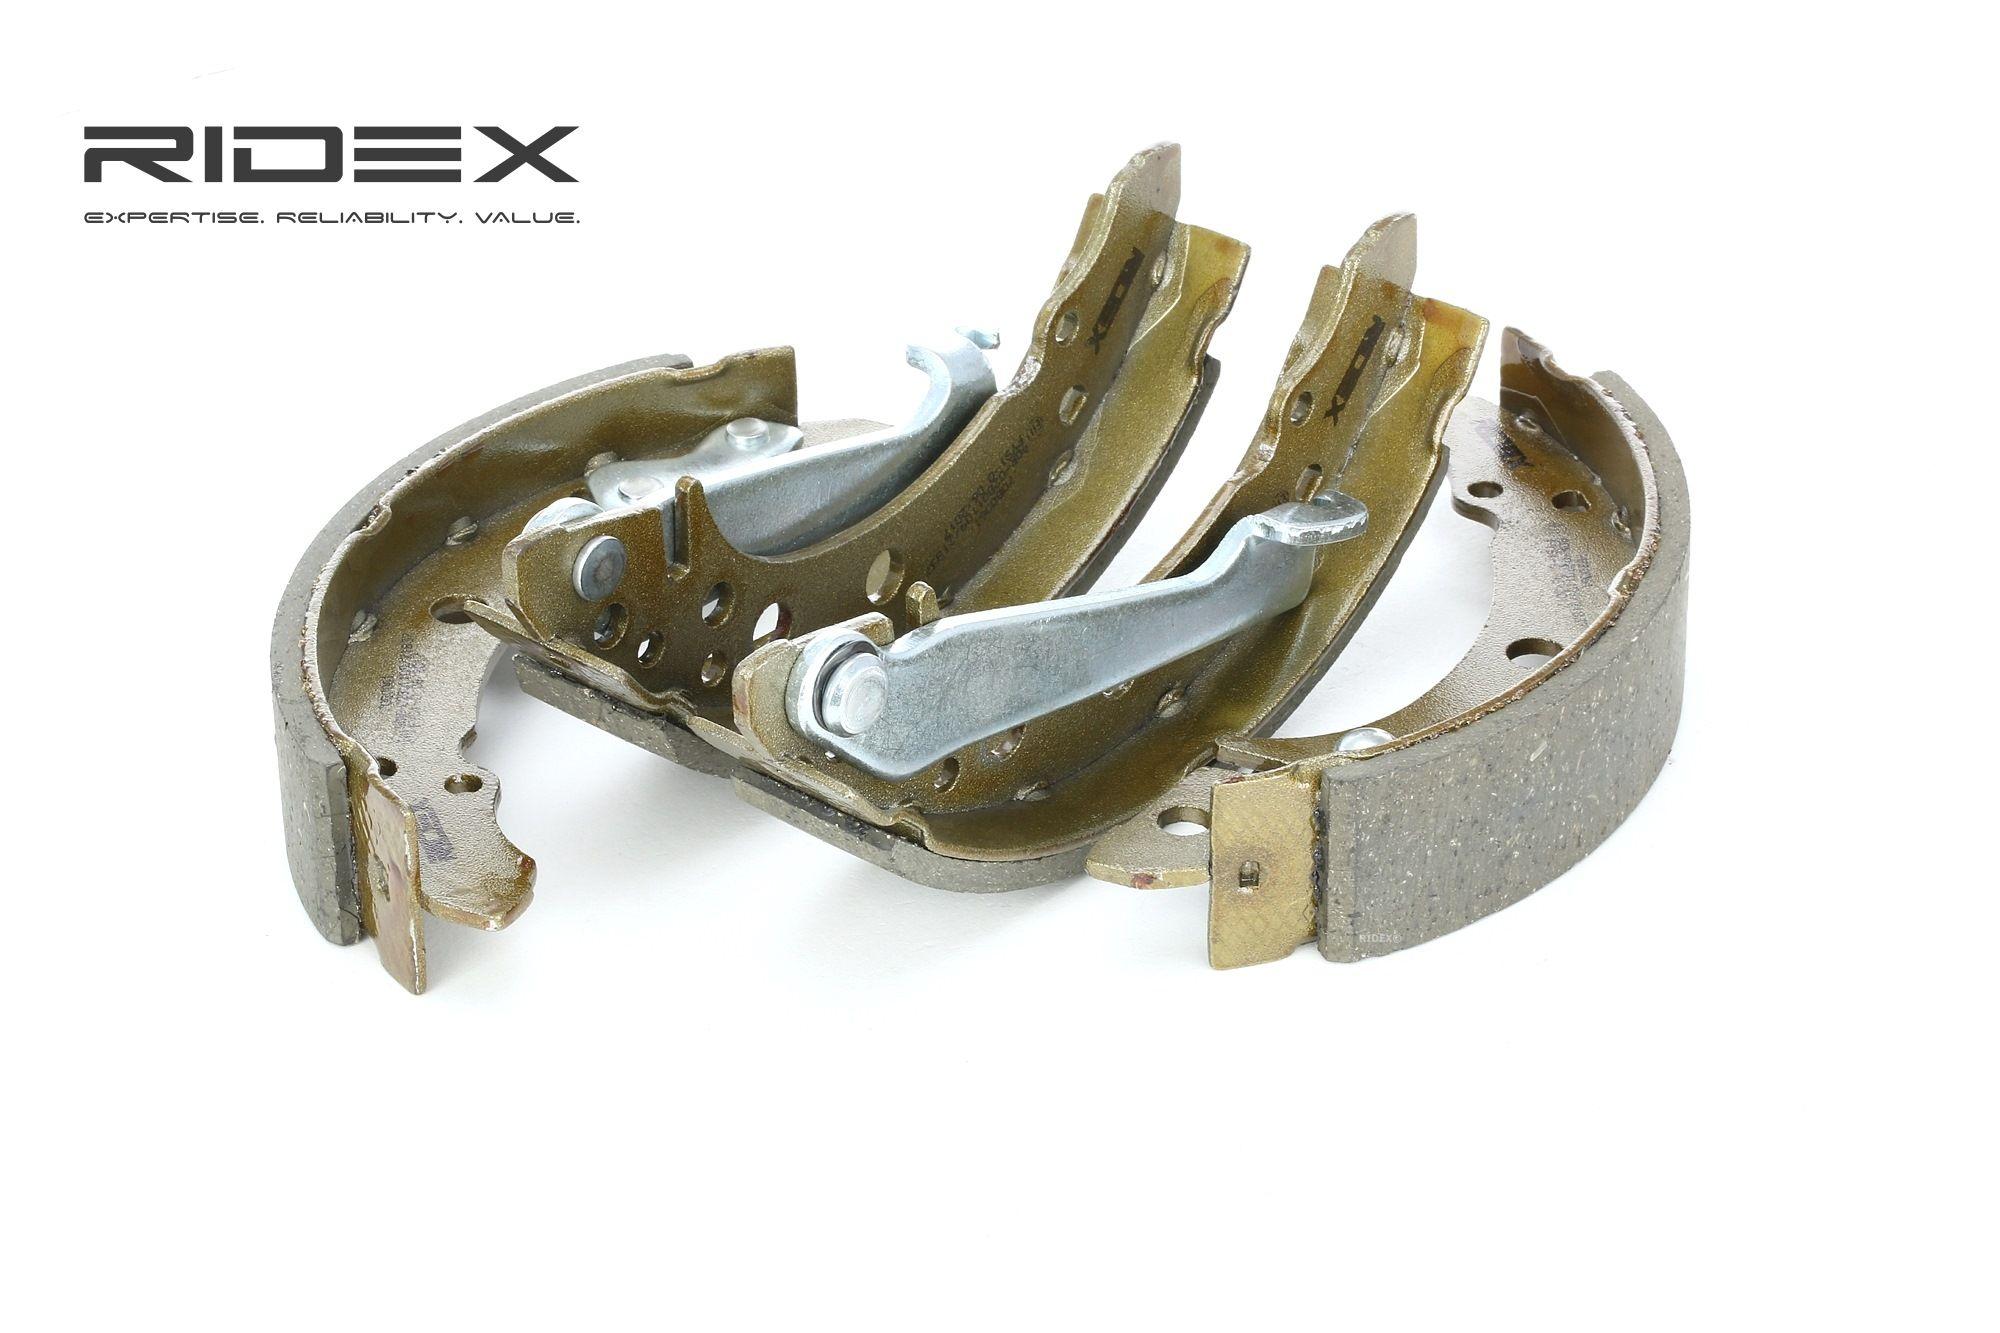 RIDEX: Original Bremsbackensatz 70B0061 (Breite: 31mm)